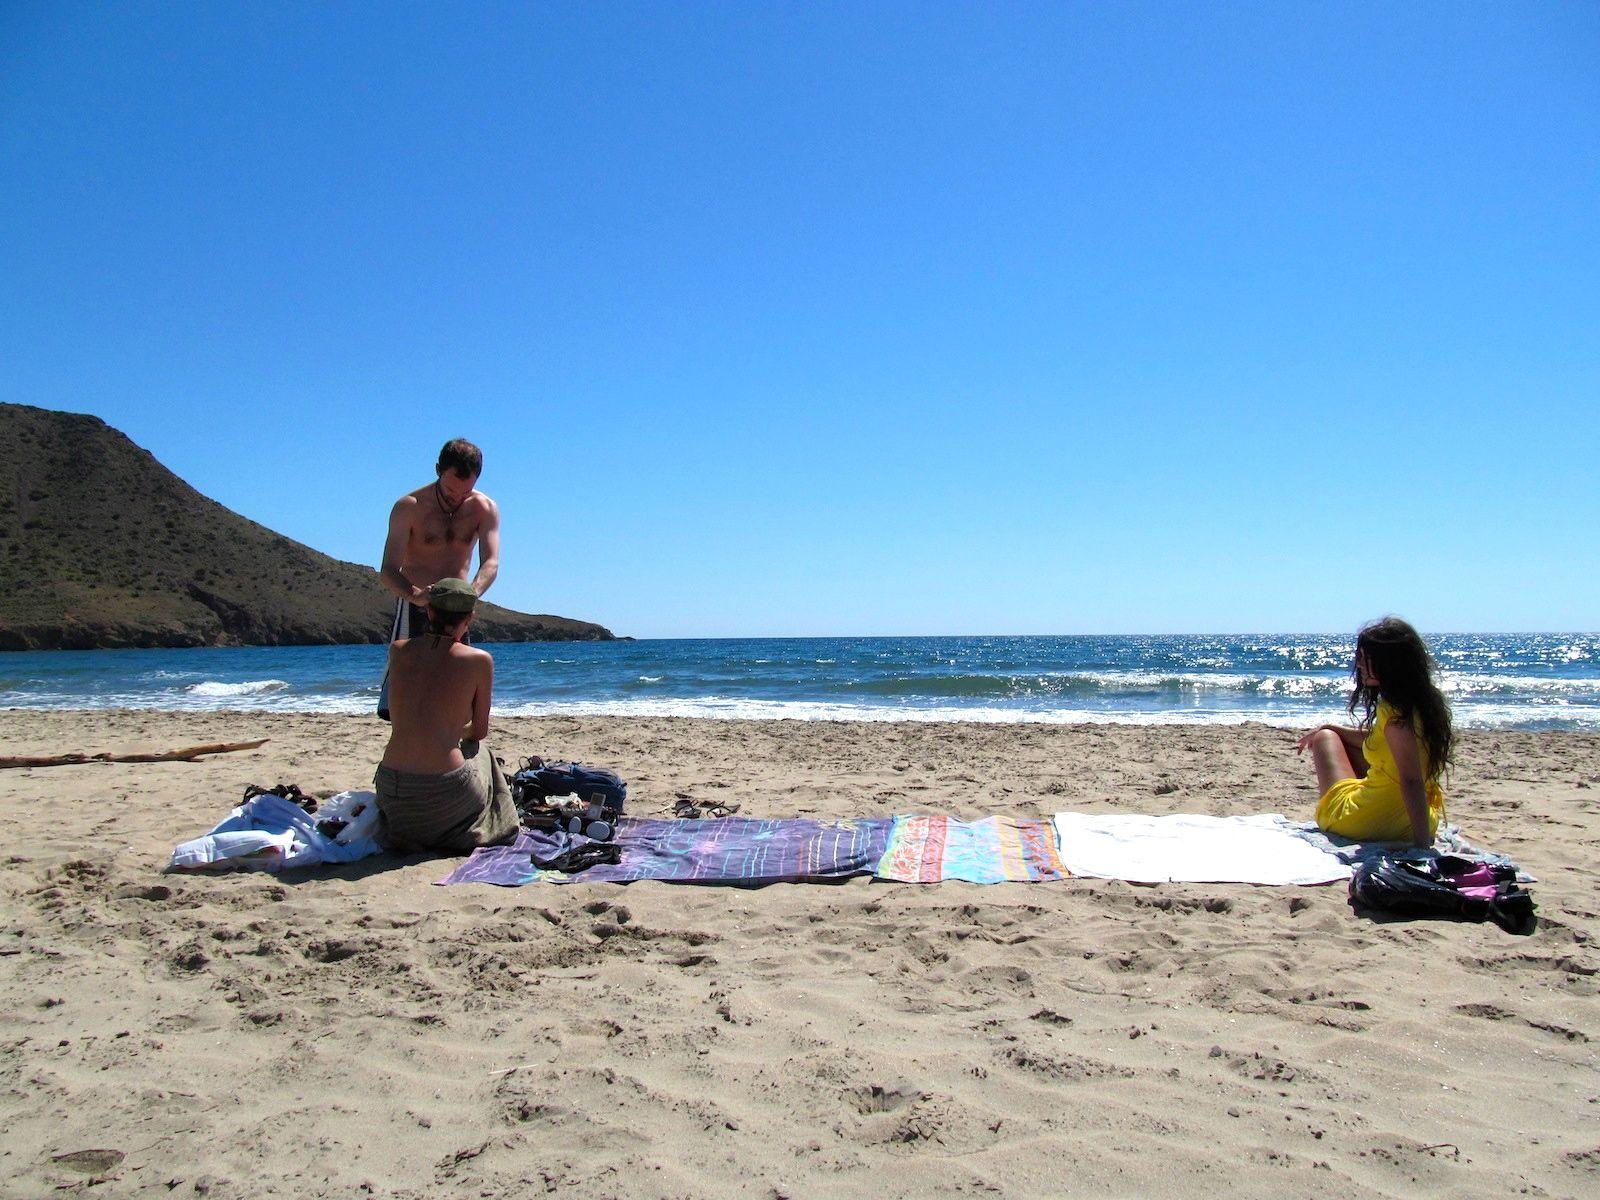 img 1159 copy Roadtrippin Las Negras, Cabo de Gata